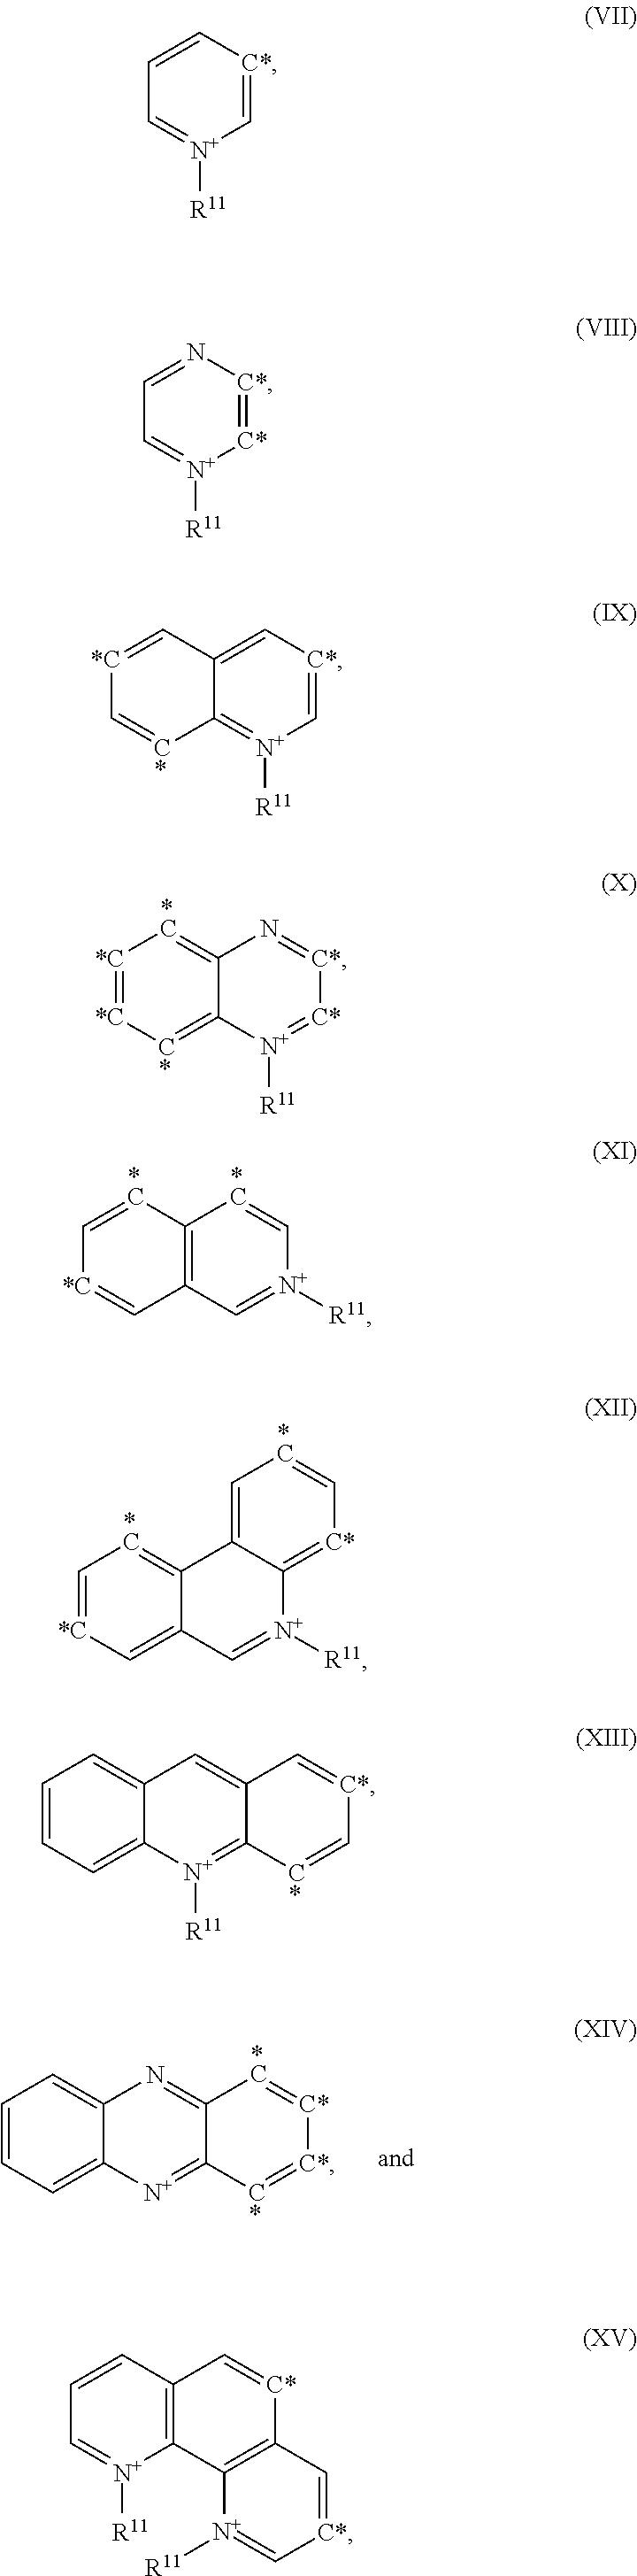 Figure US10060907-20180828-C00062